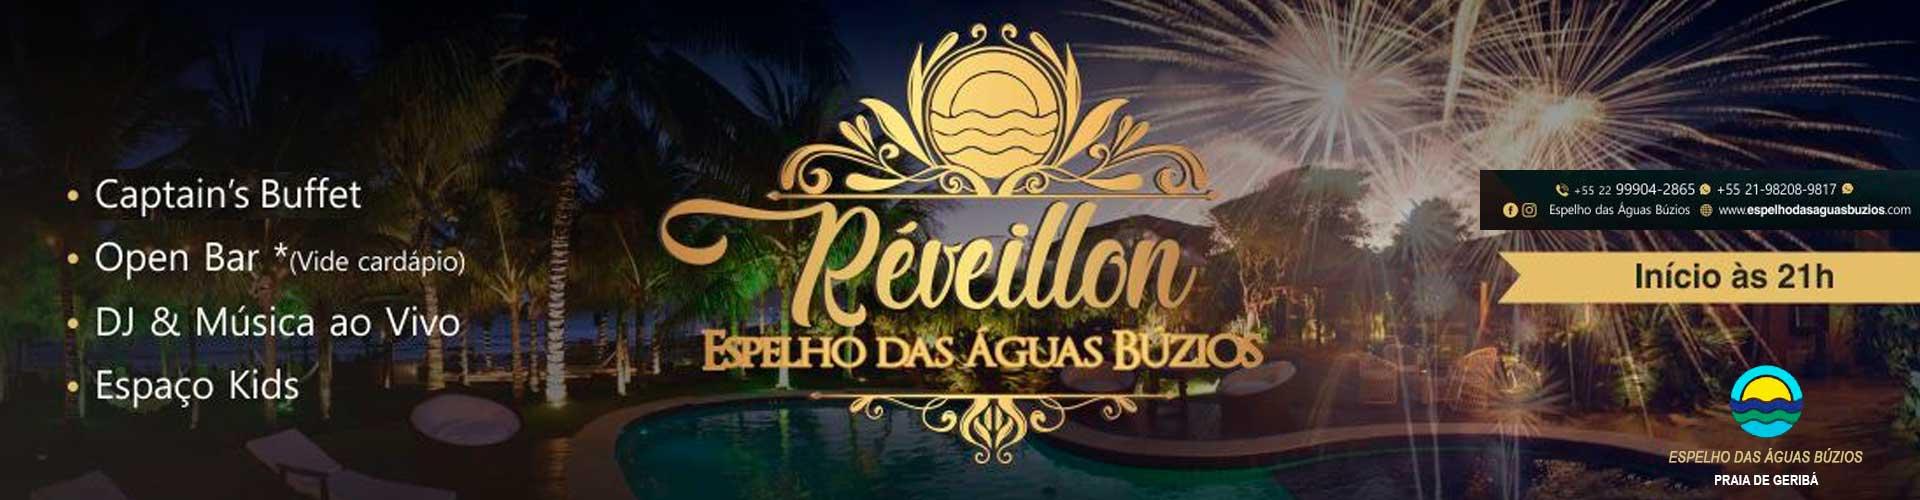 Reveillon 2019 Espelho das Águas Búzios - 31/12/2018